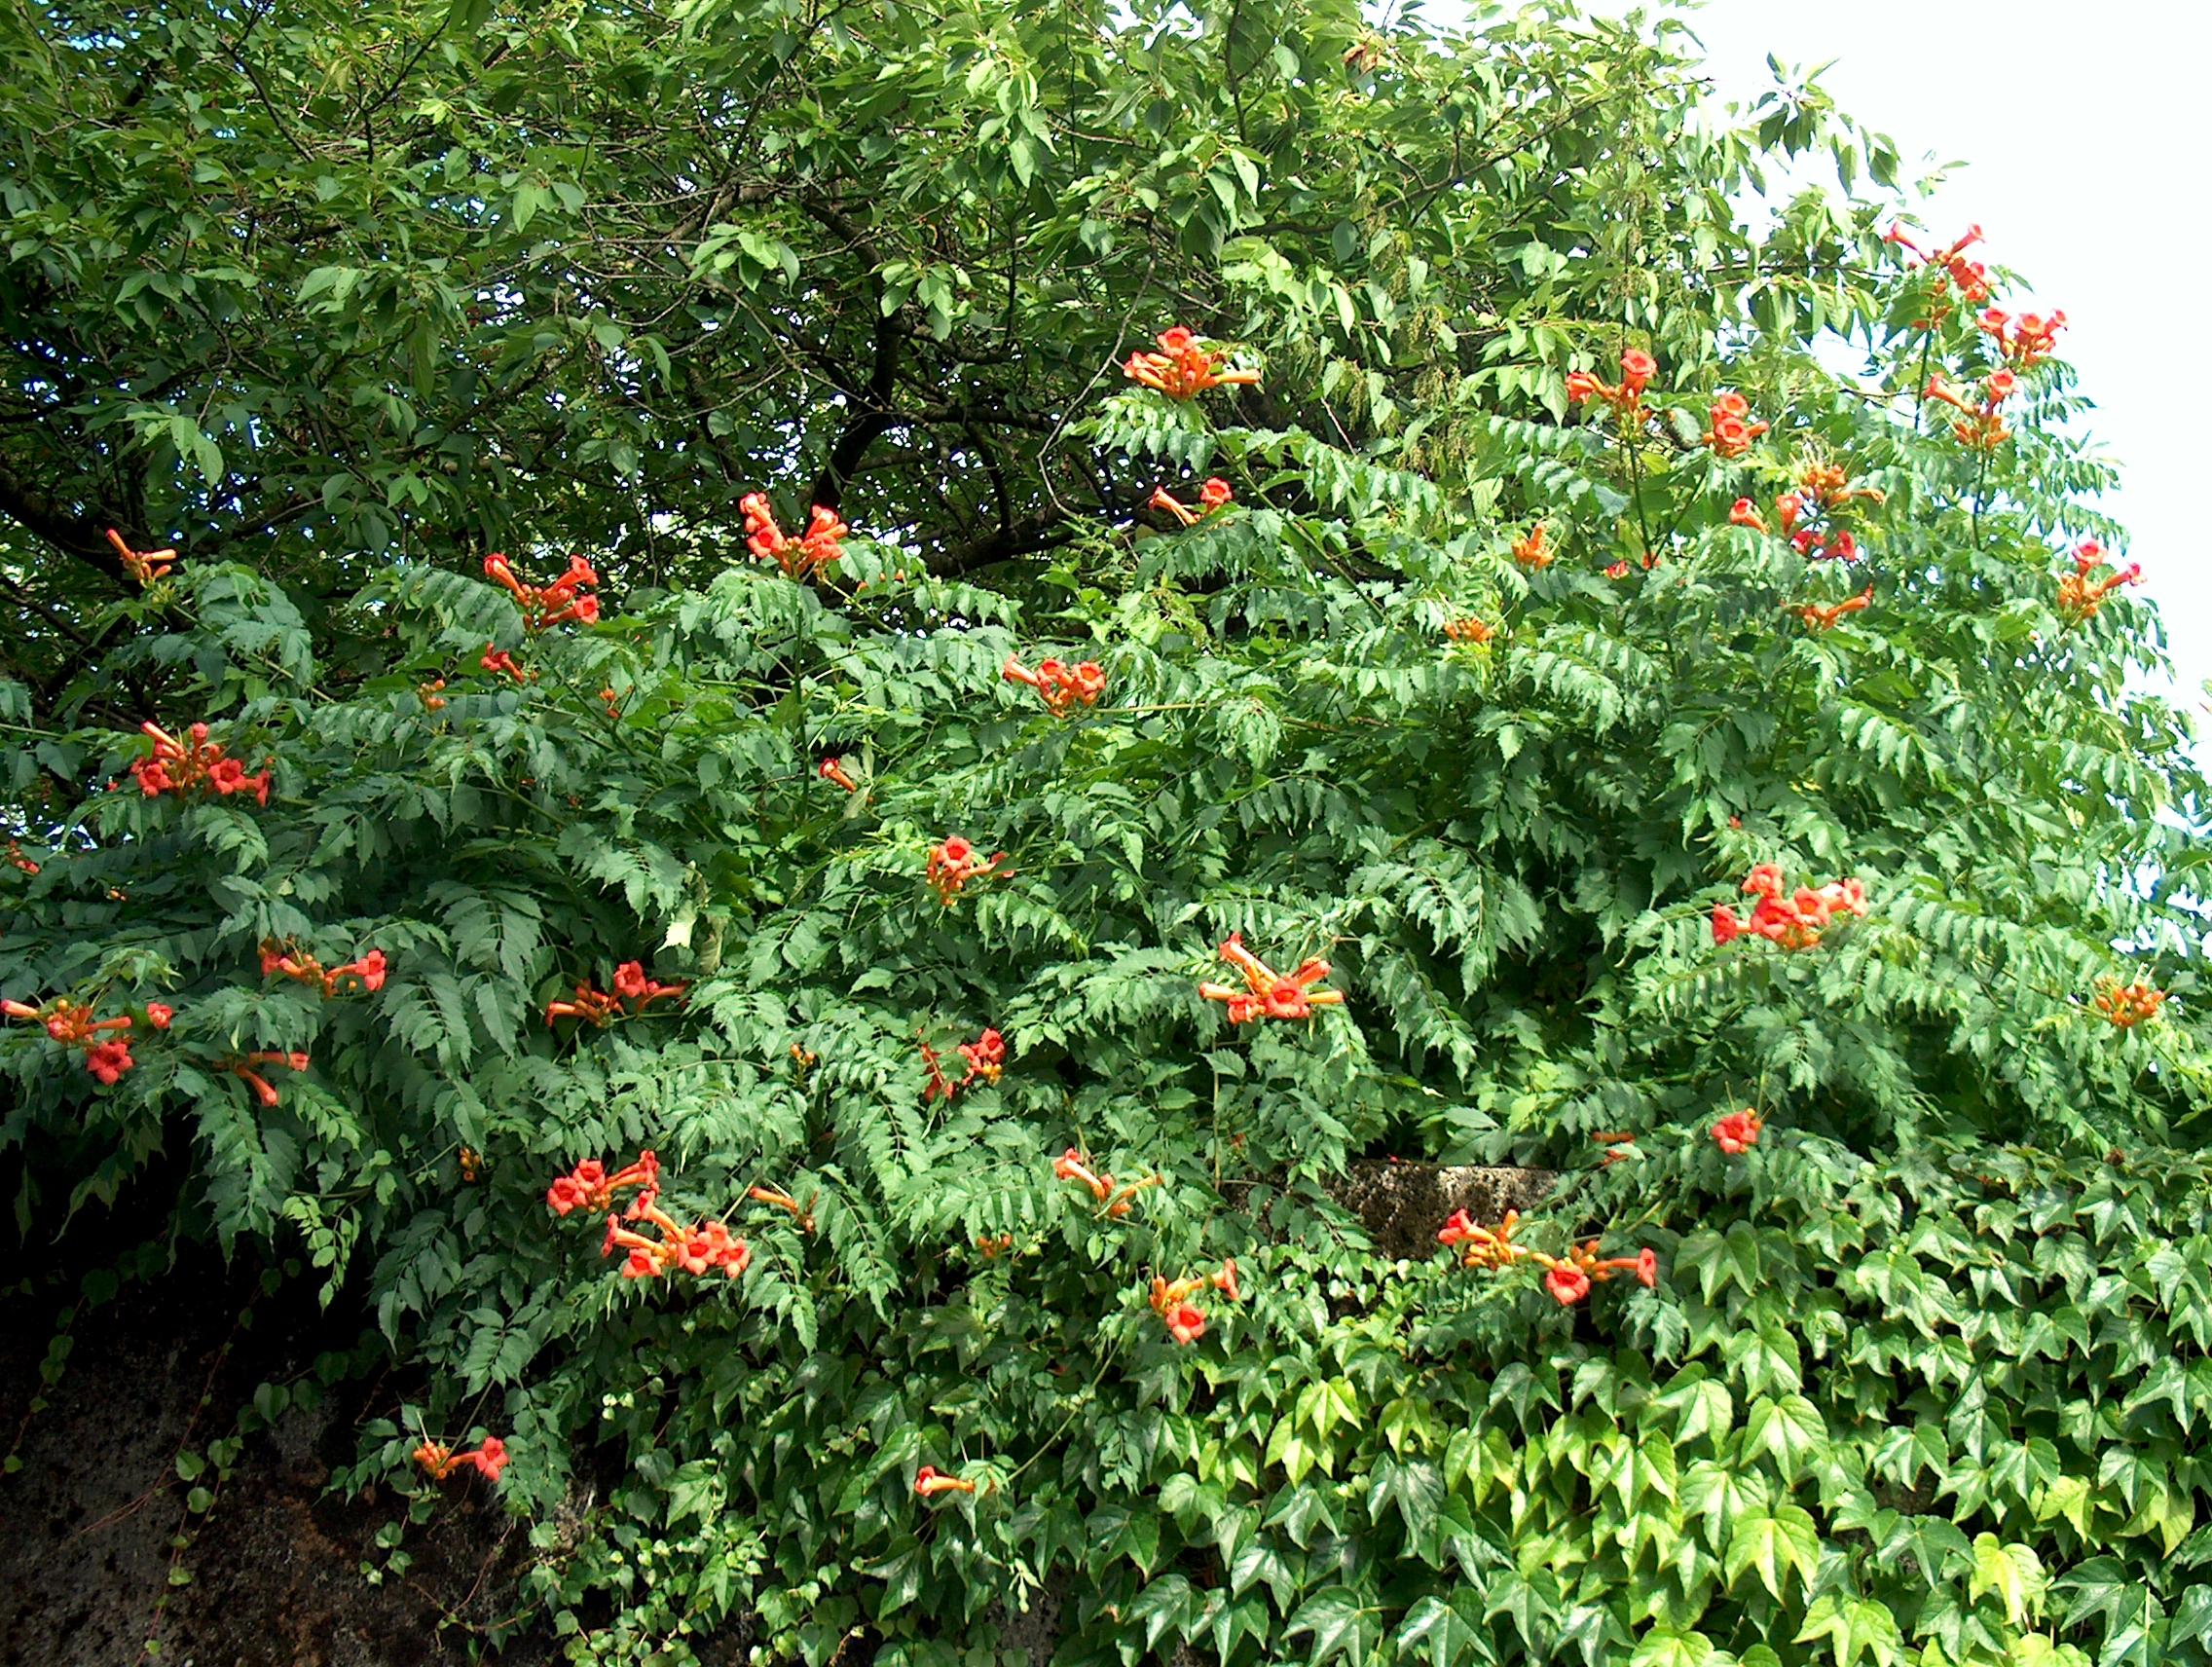 декоративные лианы для сада кампсис укореняющийся